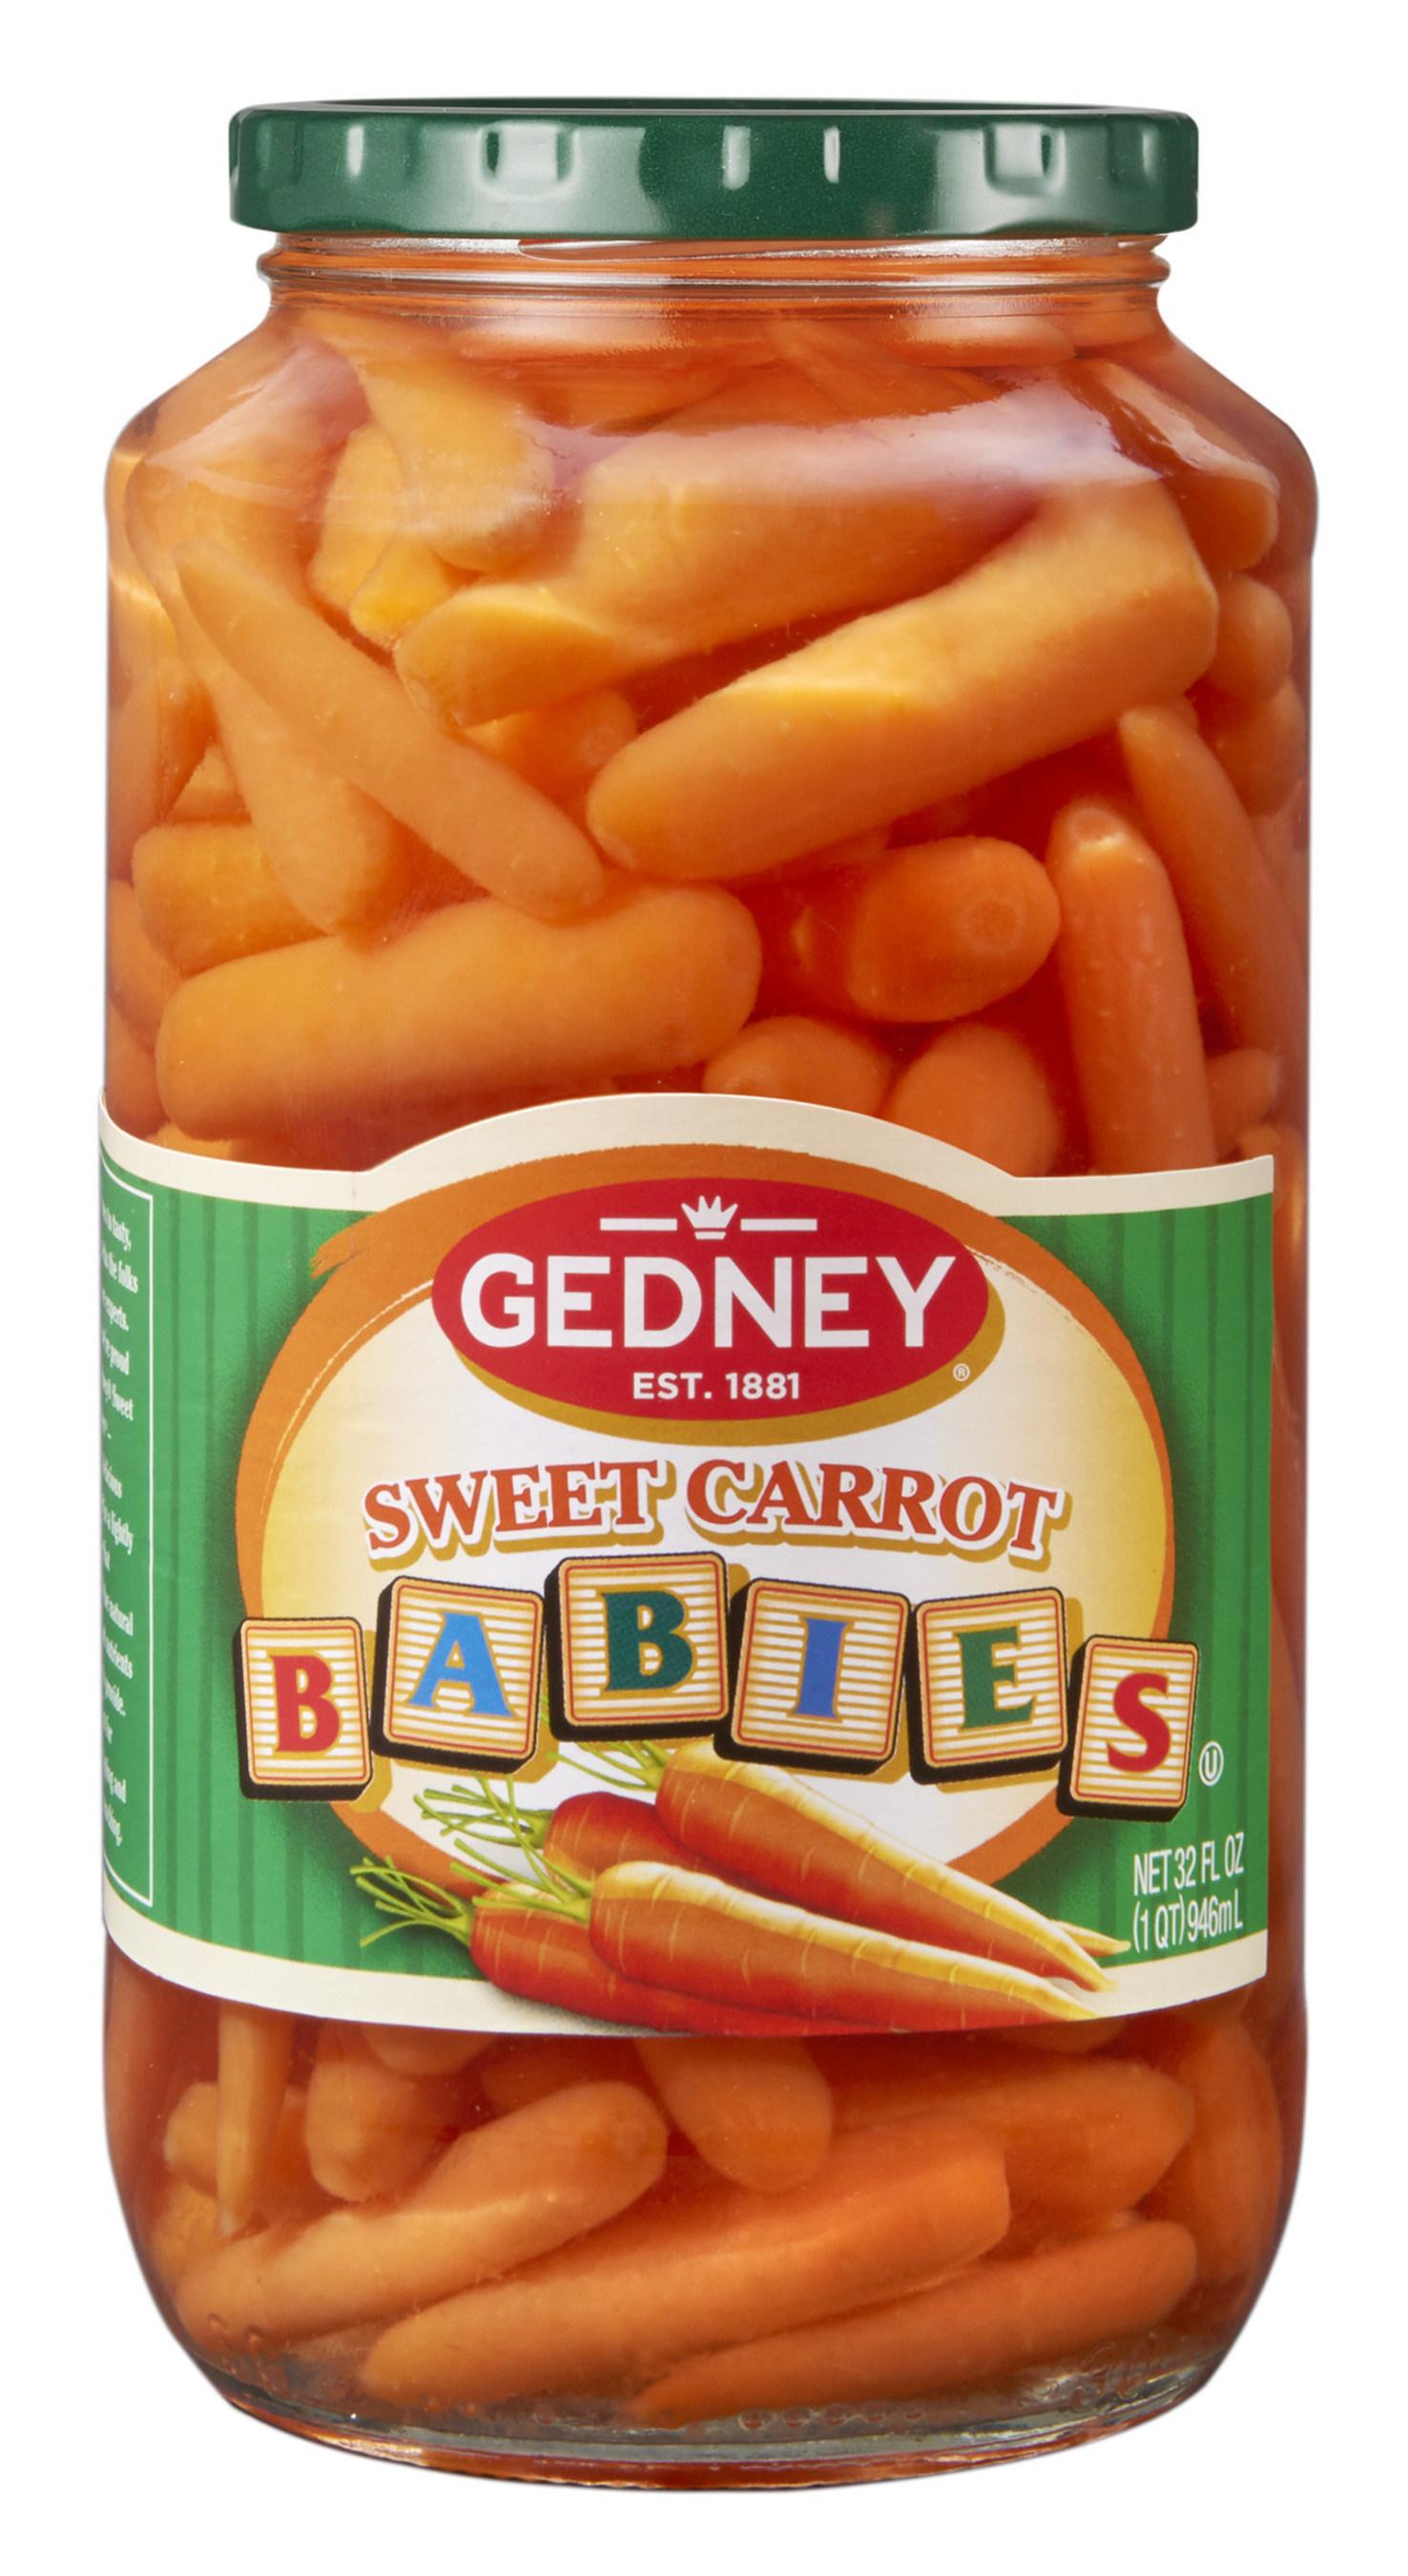 Gedney Sweet Carrot Babies 32 oz